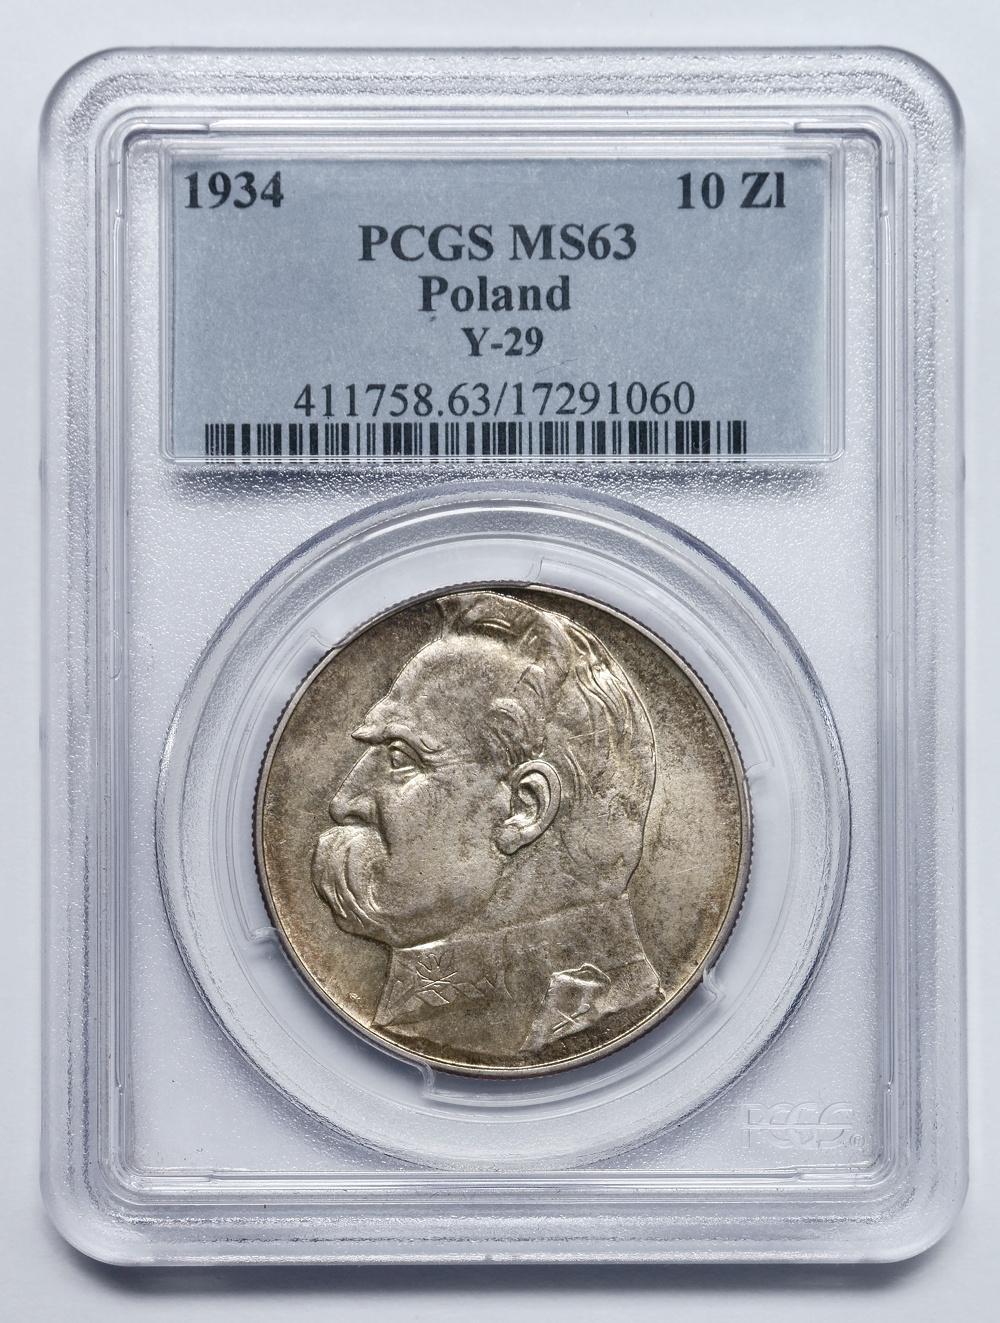 10zł.Piłsudski1934r.urzędowy PCGS MS63